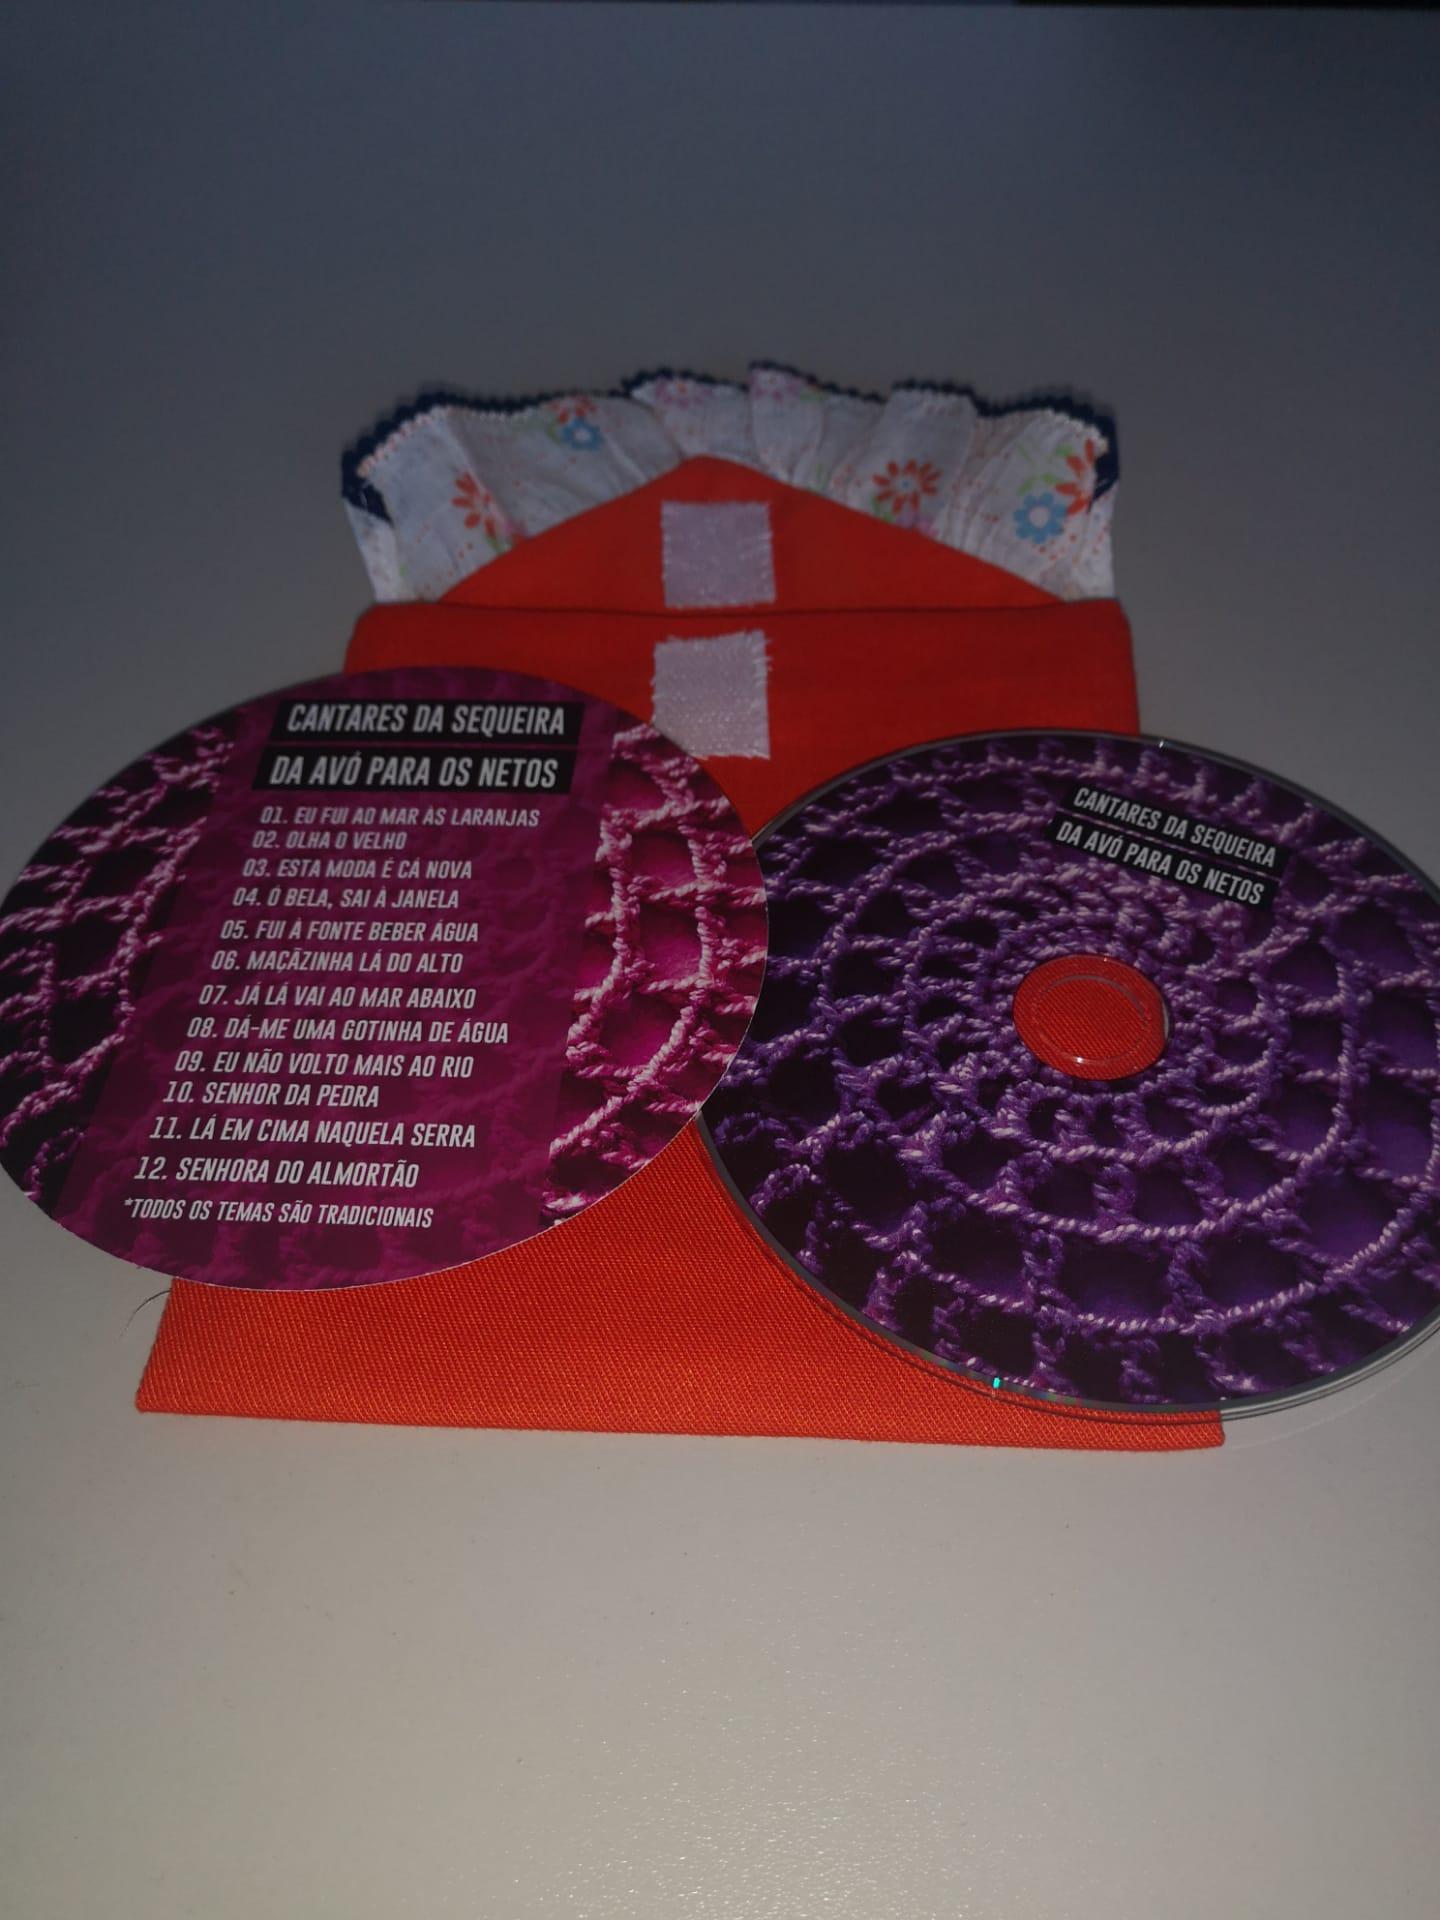 Lançamento do 2º CD do Grupo de Cantares da Associação Cultural Social e Recreativa da Sequeira